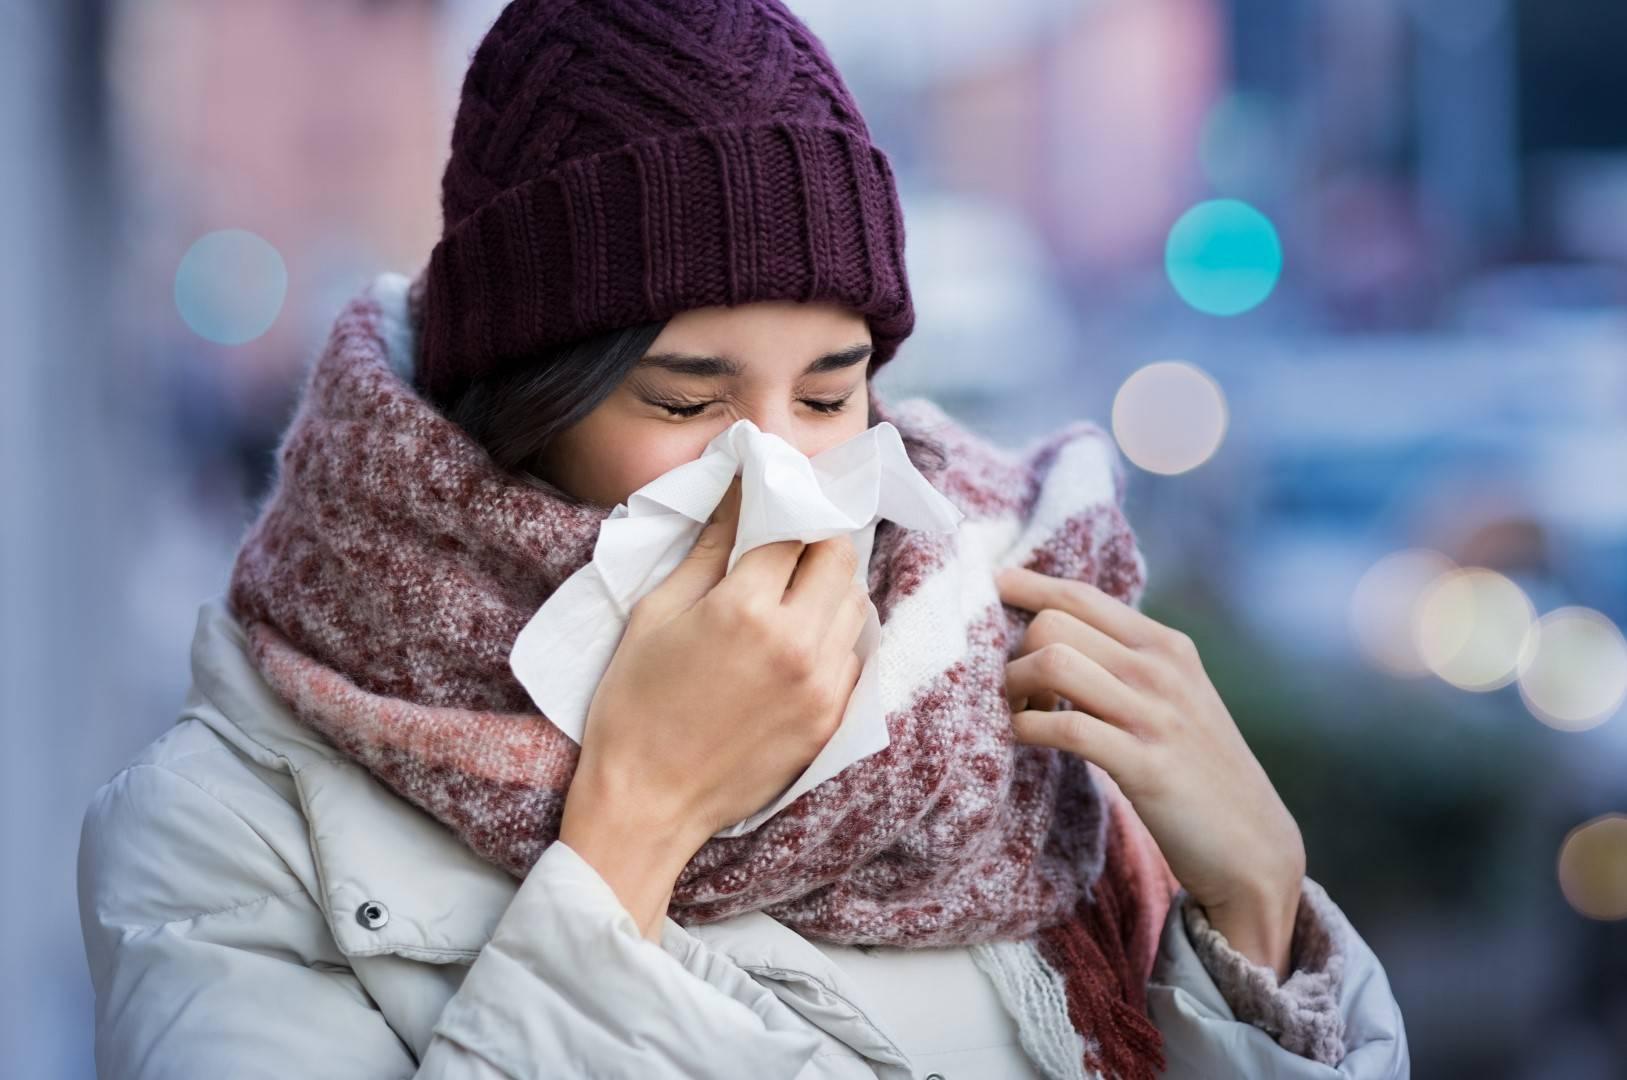 Doenças respiratórias podem ser prevenidas com a limpeza correta da casa. Foto: Bigstock